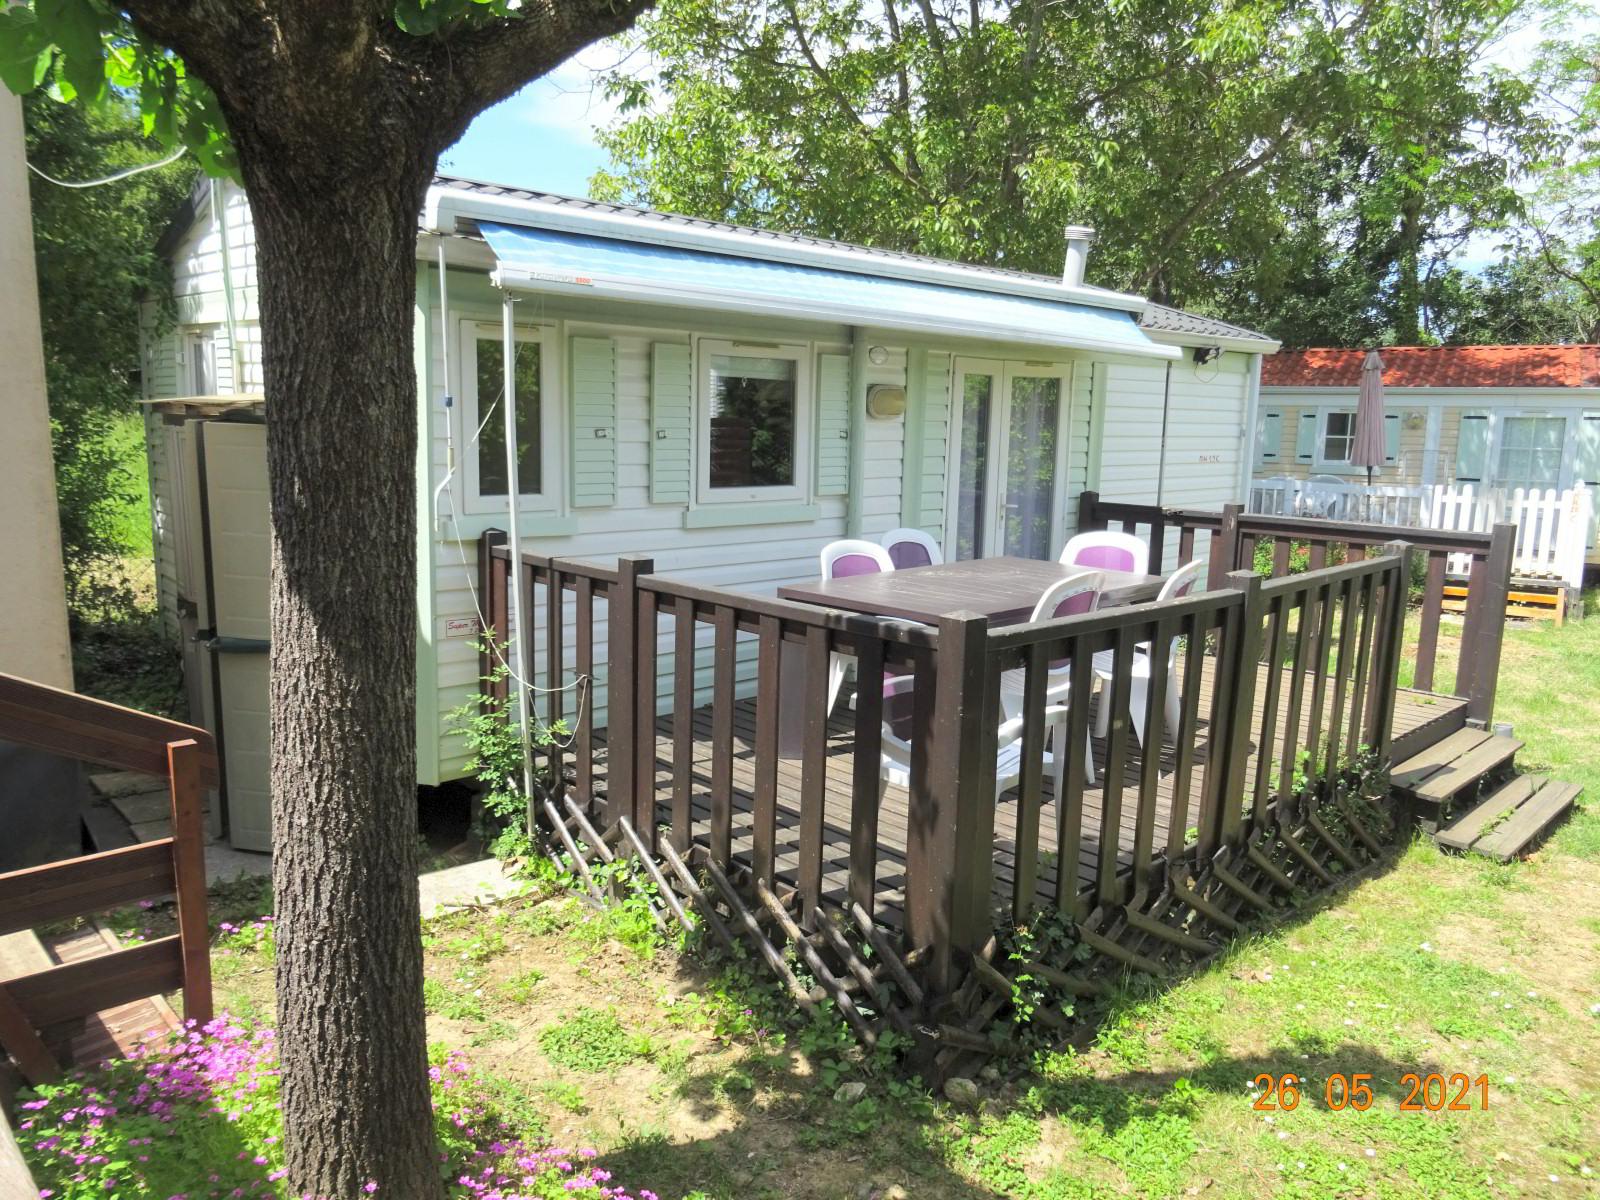 Mobilheim mit 2 Schlafzimmern und schattiger Terrasse